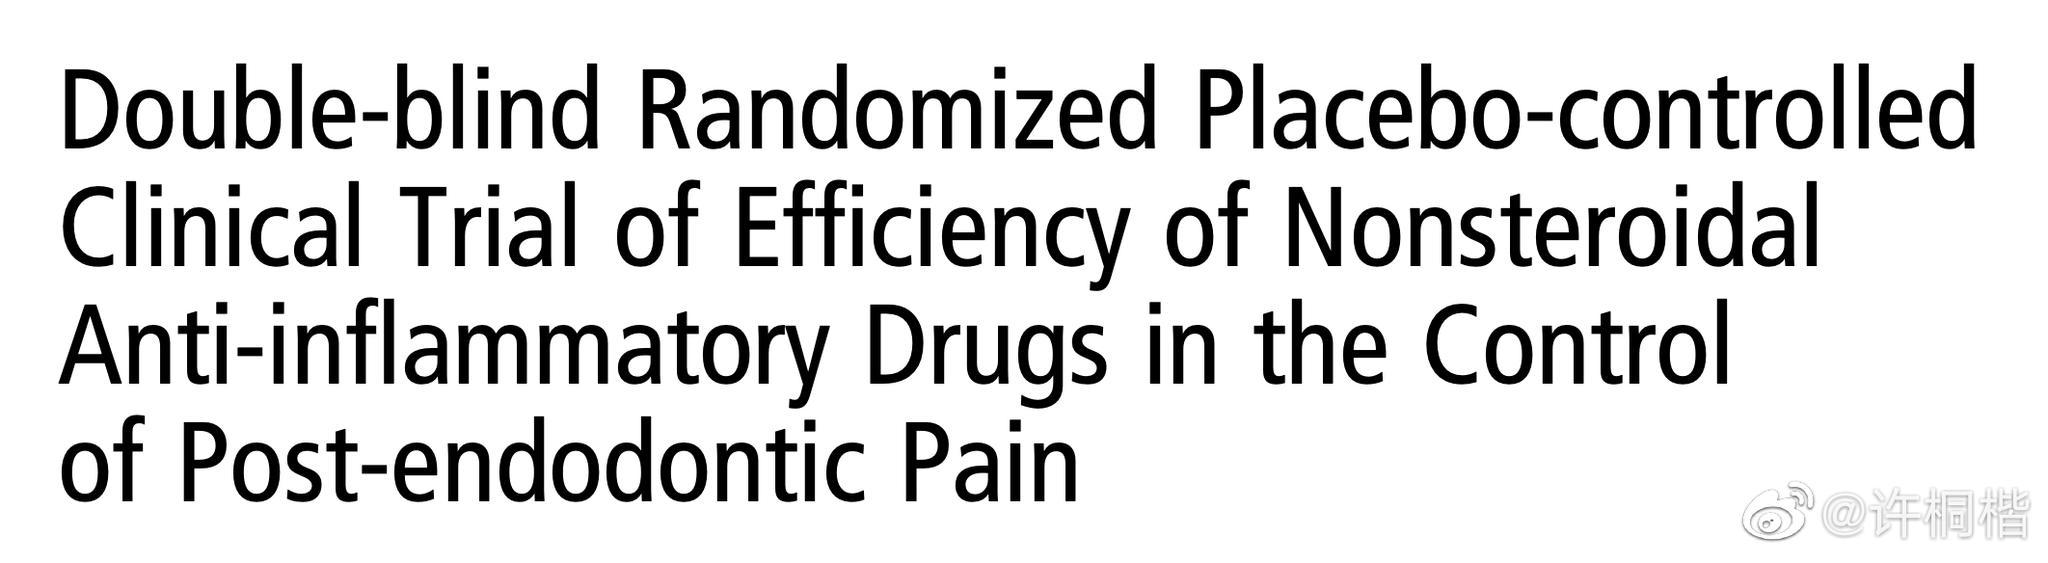 根备术后即刻就吃点布洛芬,相较于安慰剂组和其它几种药物组